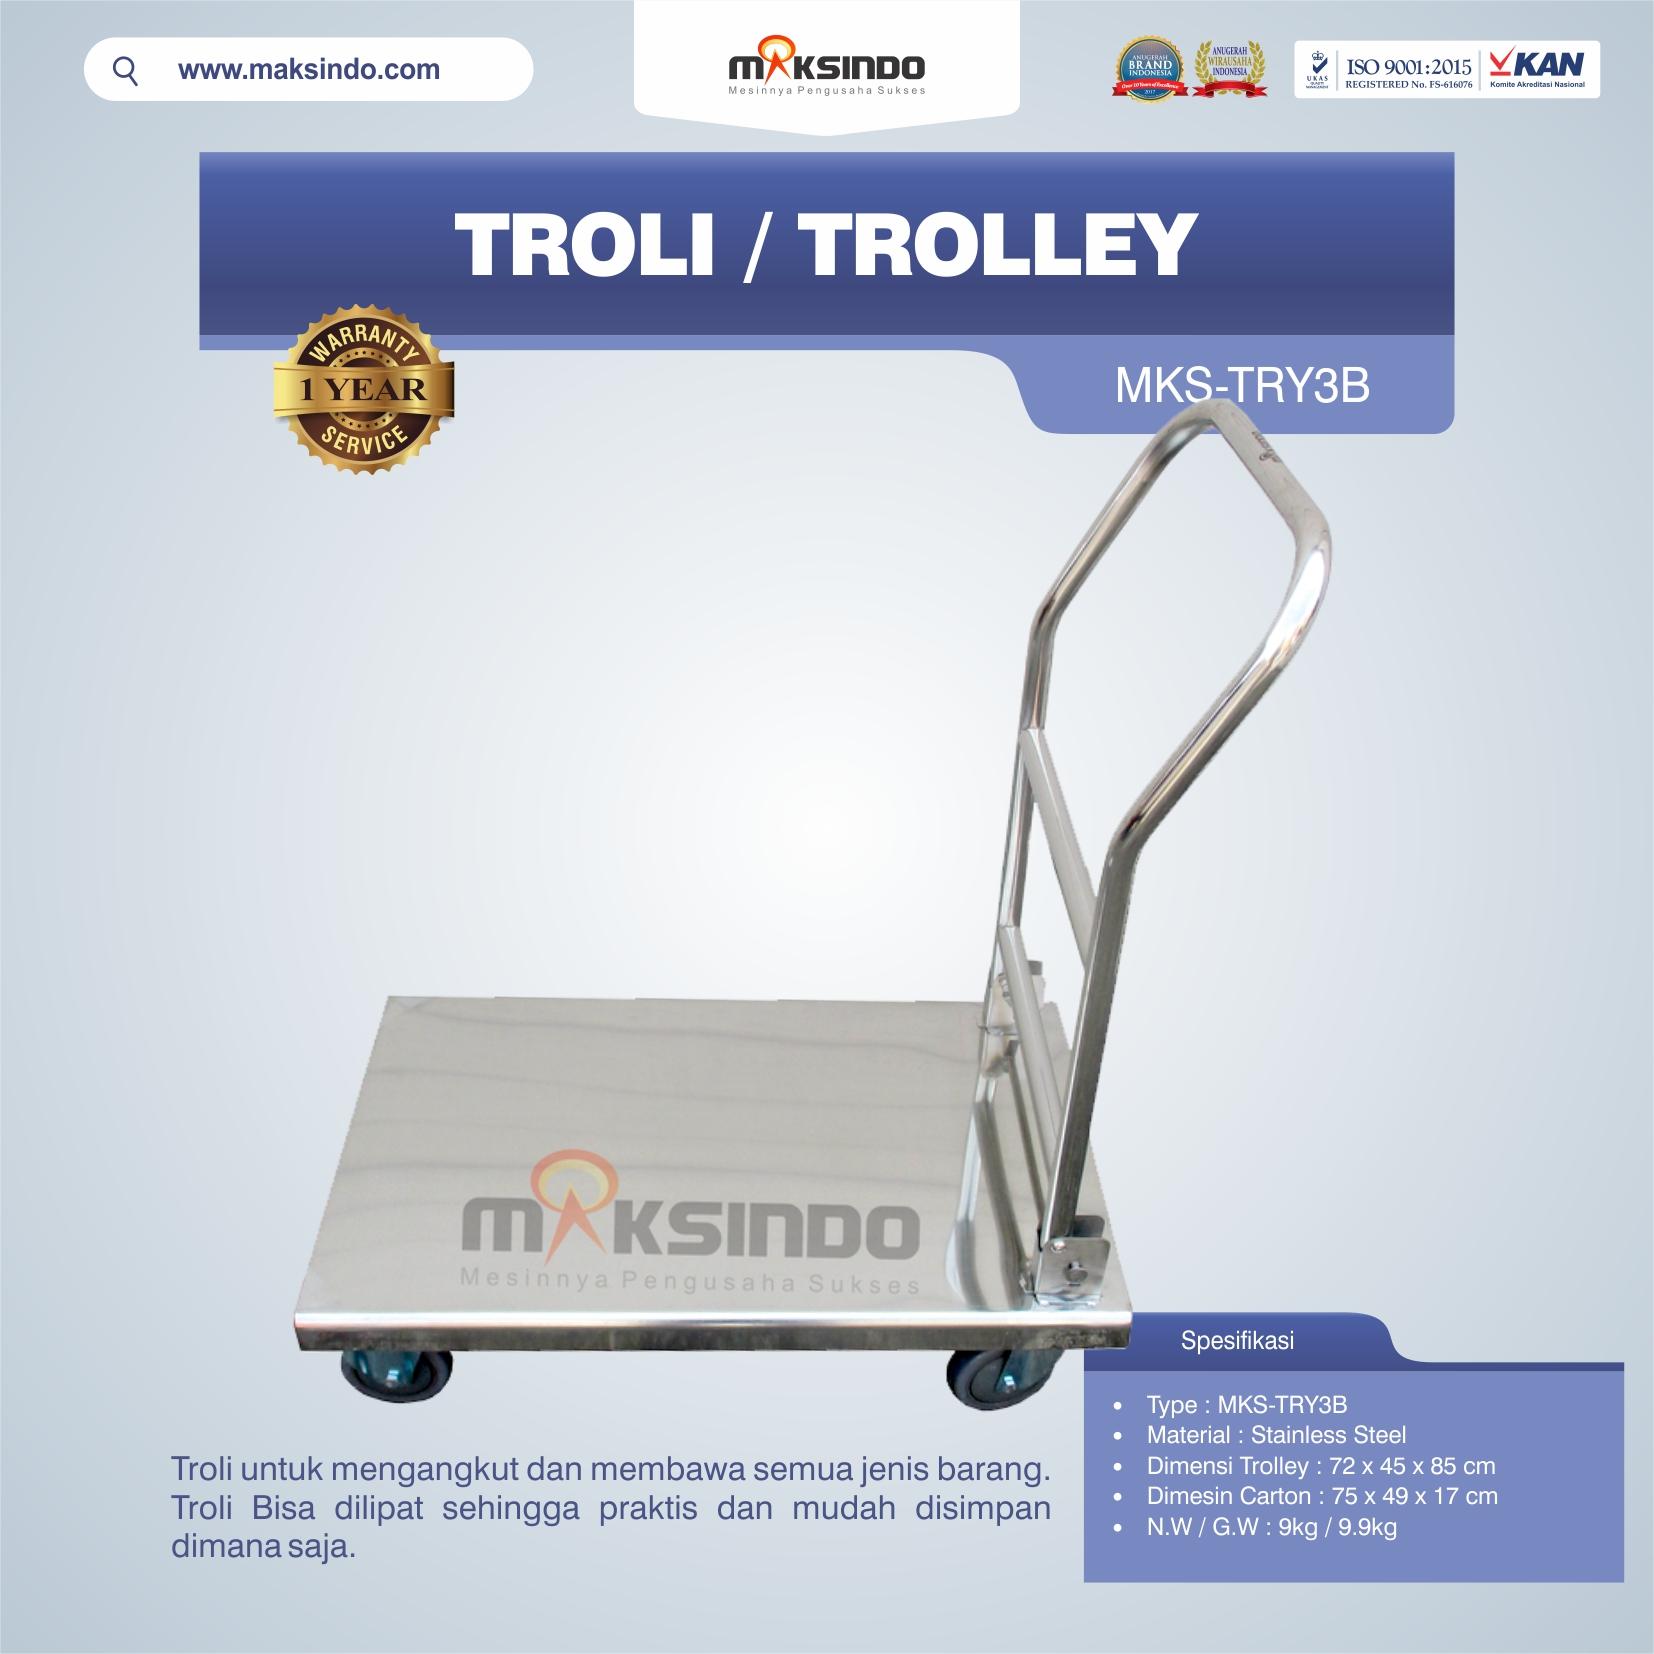 Jual Troli/Trolley MKS-TRY3B di Semarang